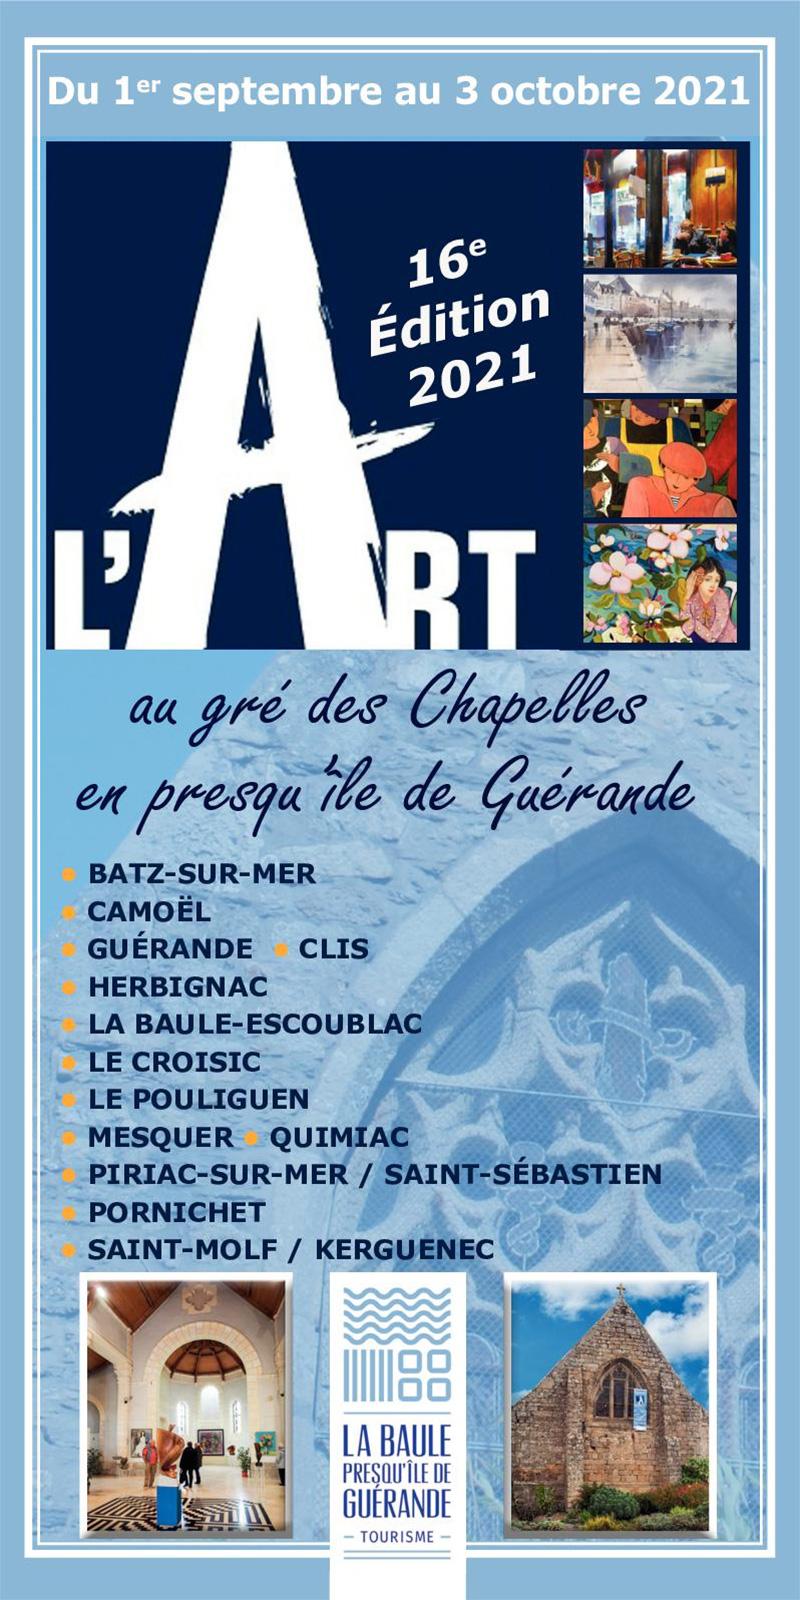 L'Art au Gré des Chapelles